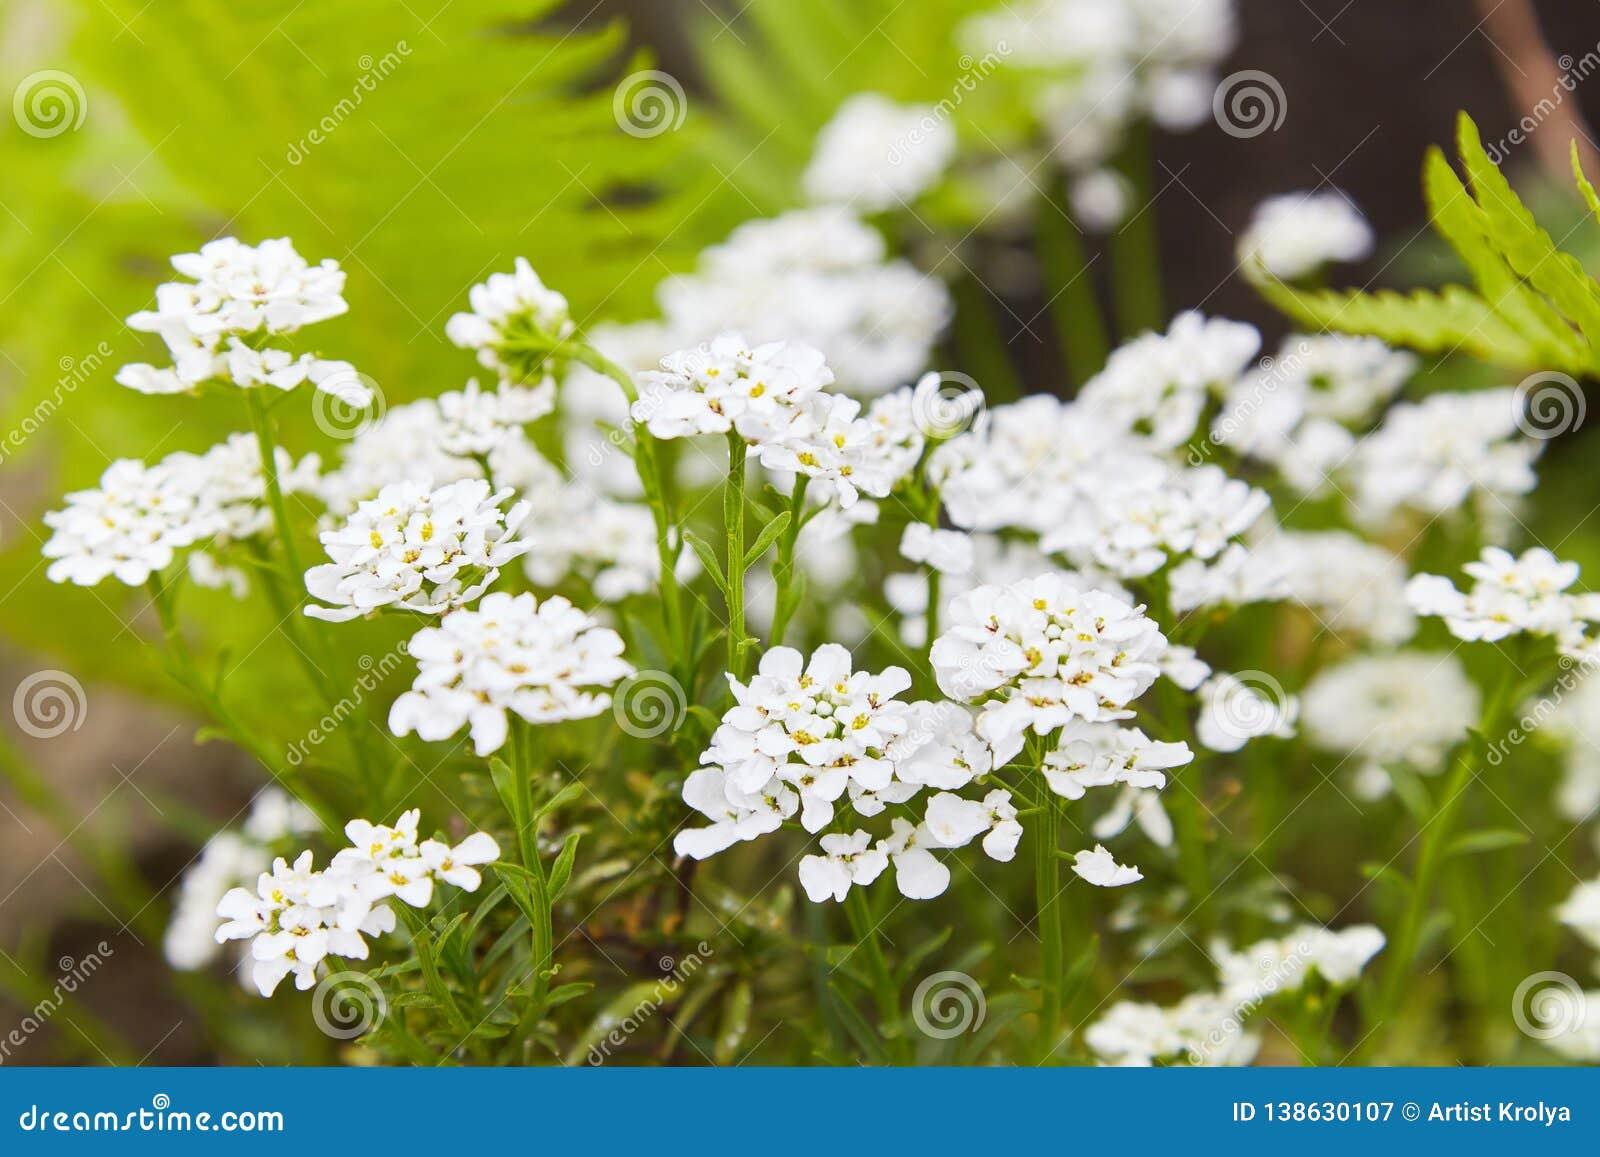 Fiori Bianchi Giardino.Fiori Bianchi Di Caucasica Del Arabis Nel Giardino Immagine Stock